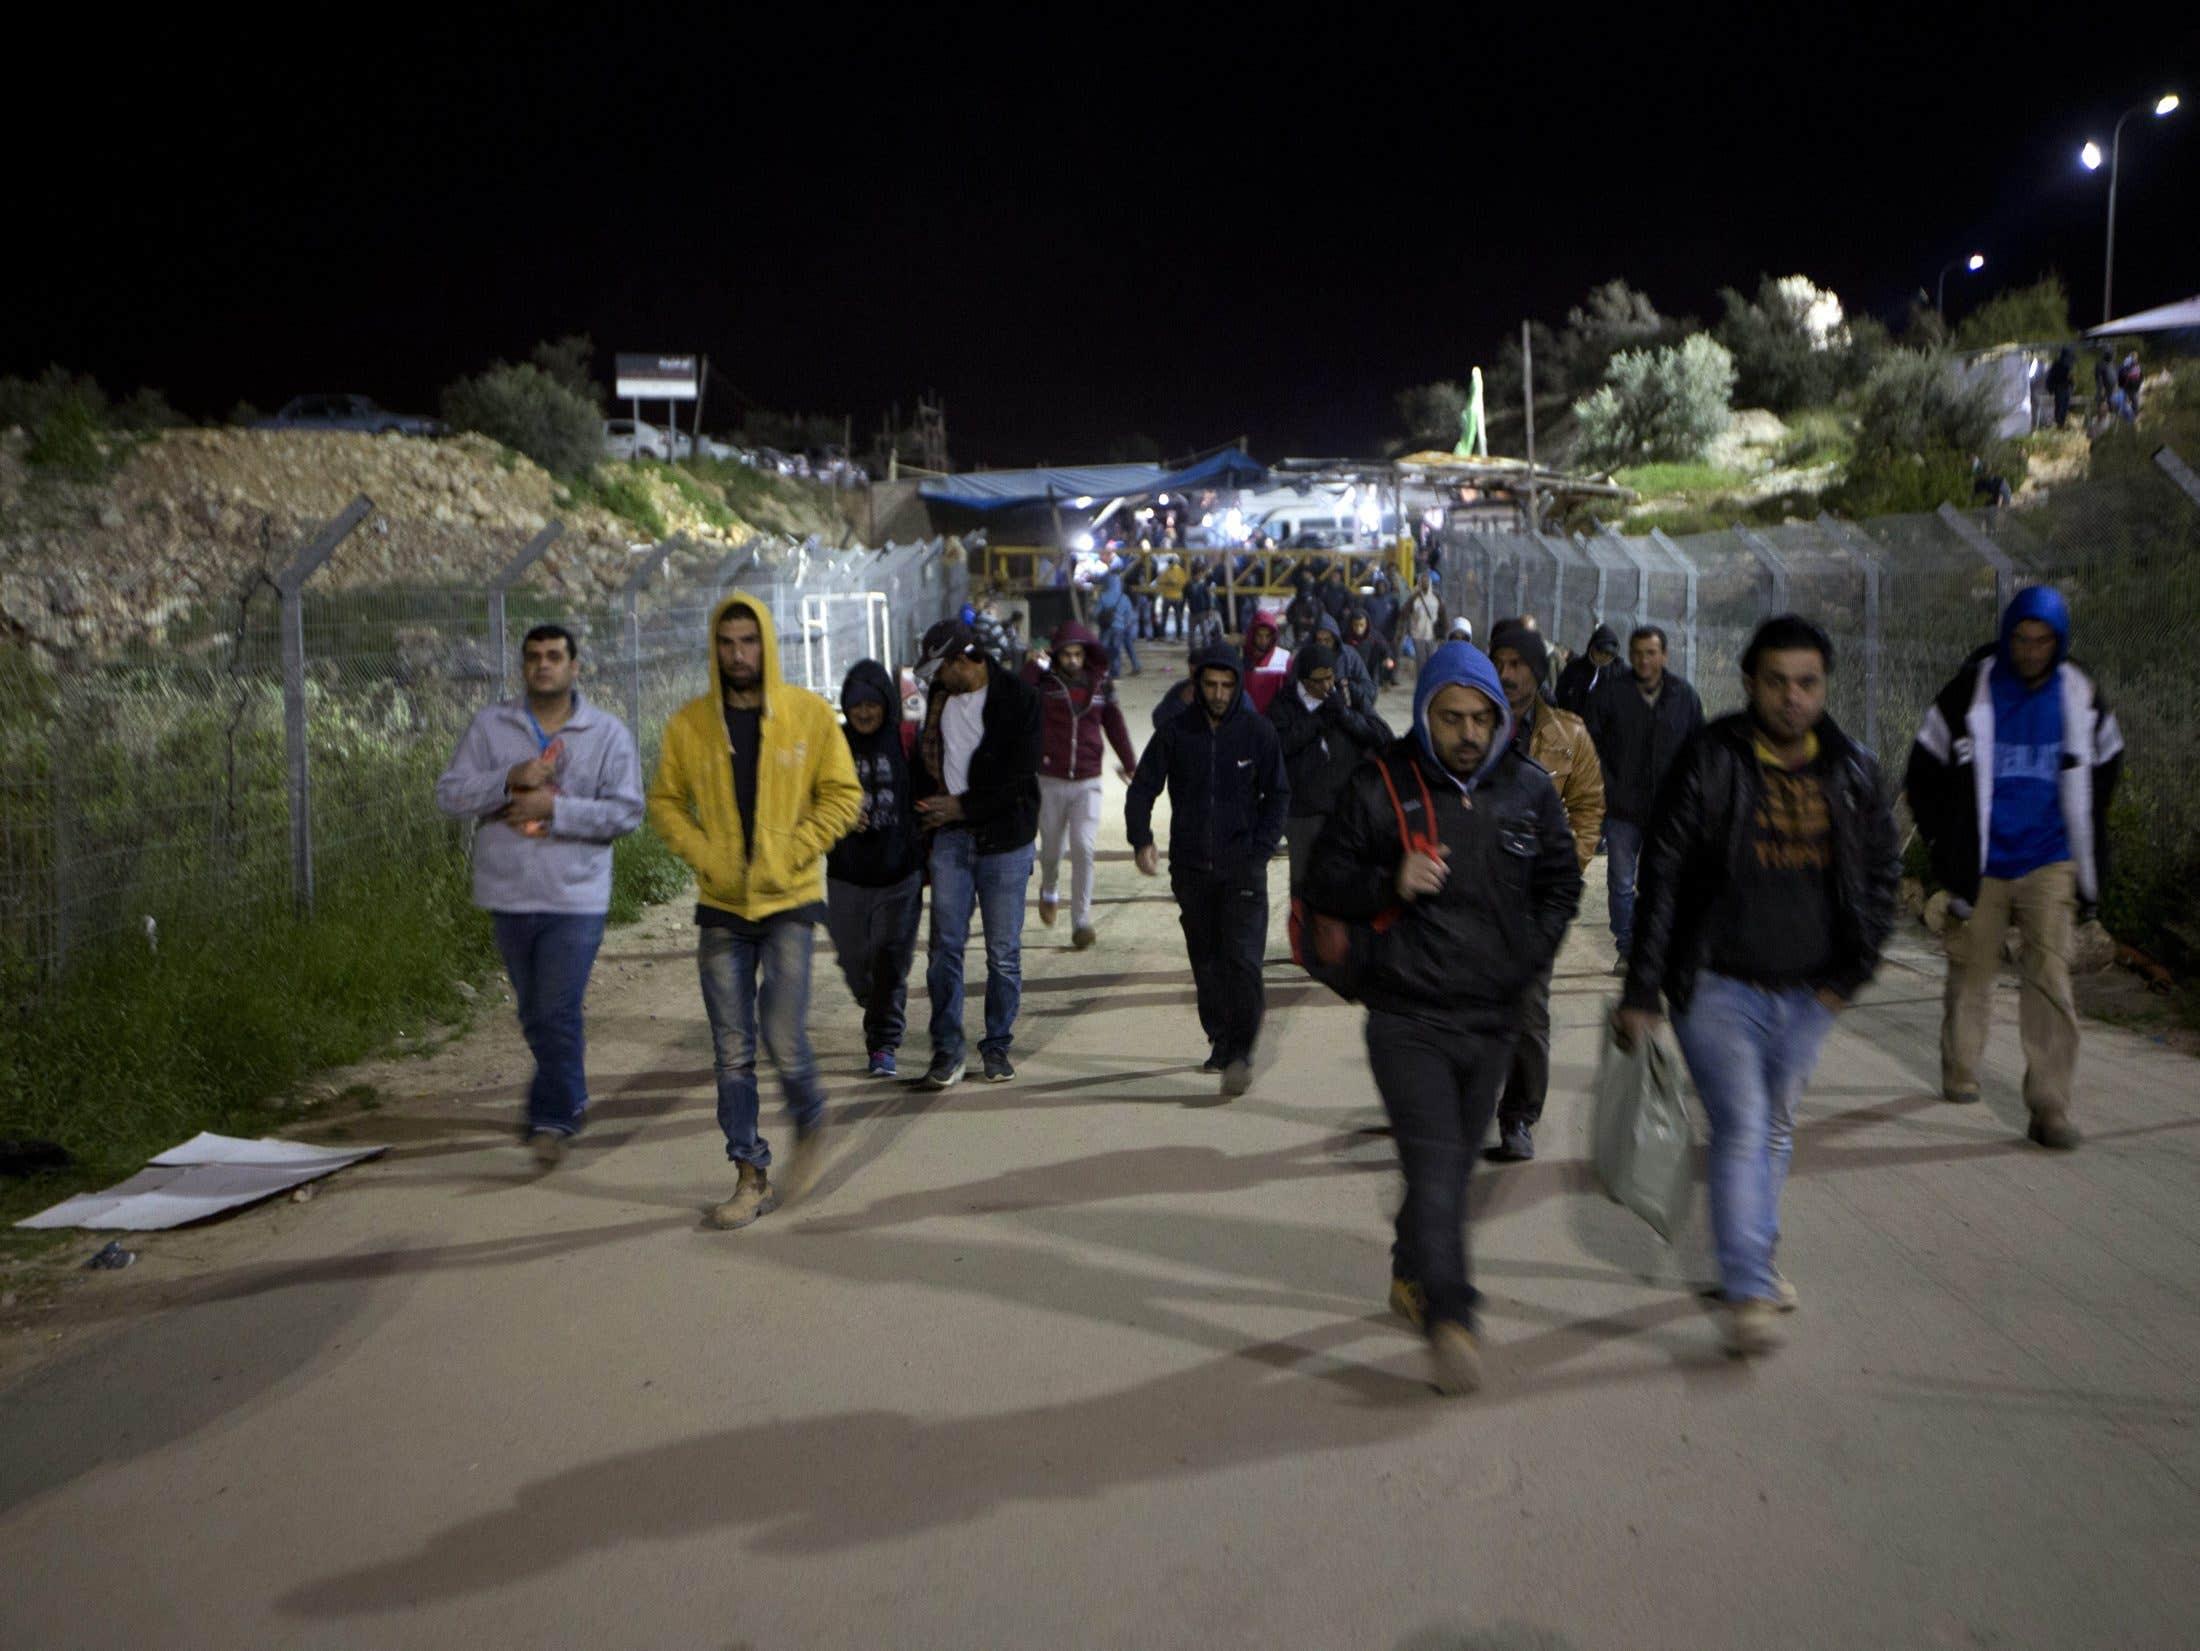 كيف سرقت اسرائيل أجور العمال الفلسطينيين على مدار سنوات ؟